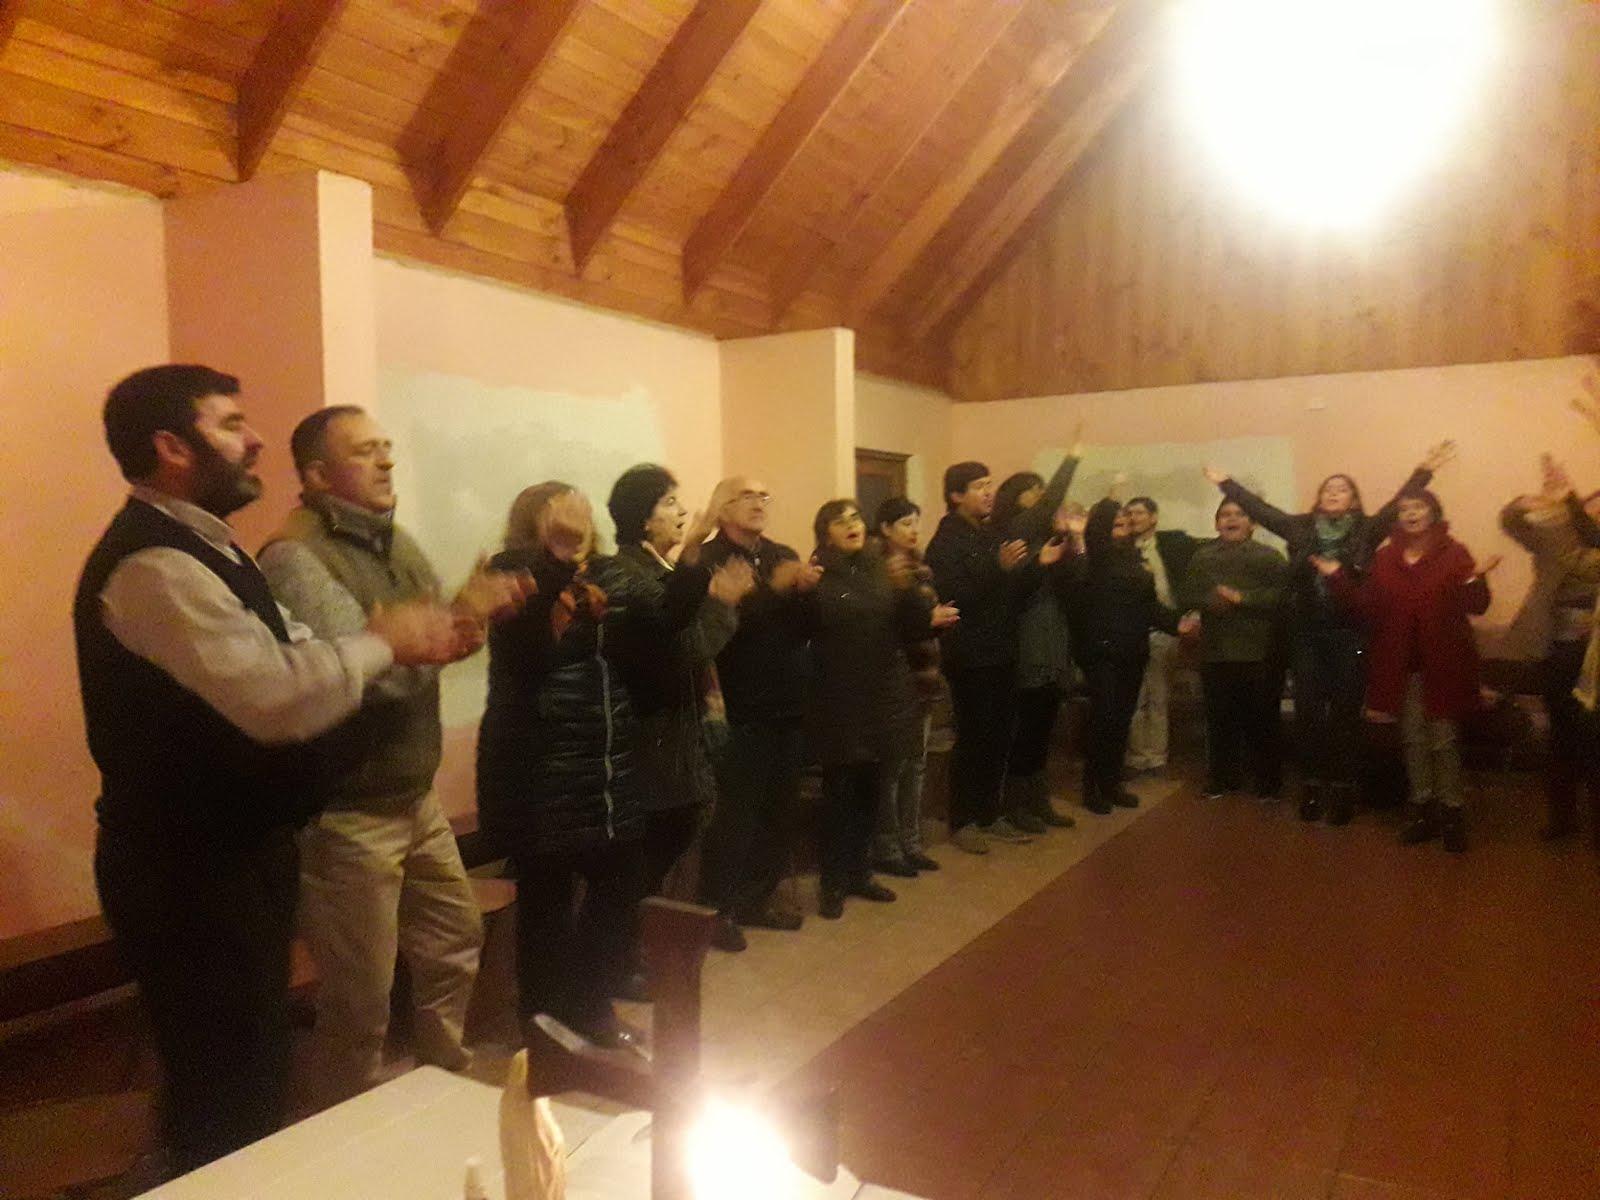 ¿Quieres participar en un Grupo de Oración? Busca aqui: